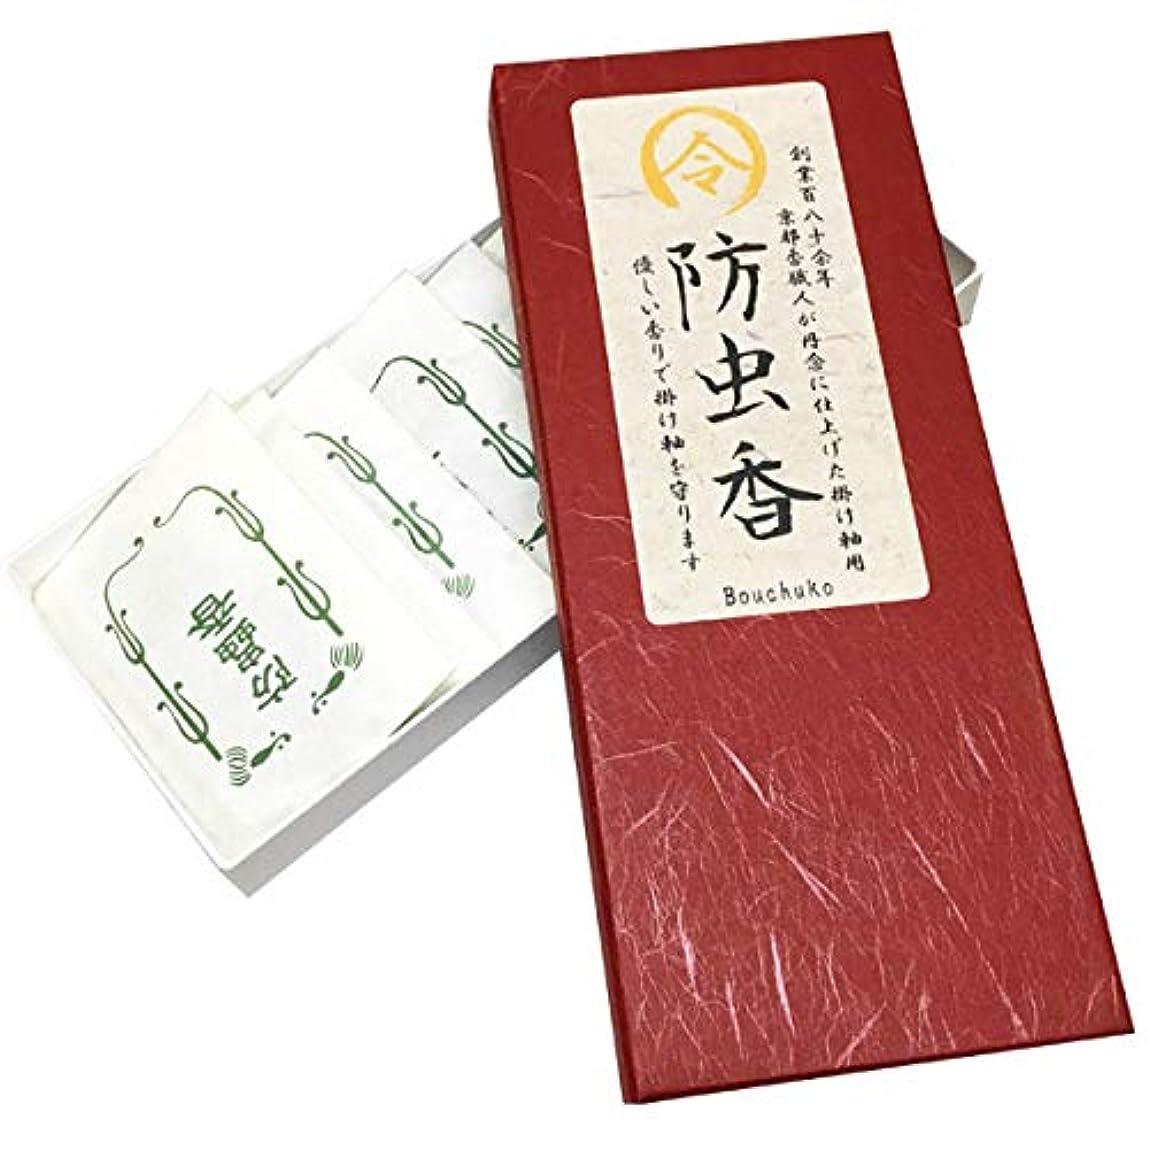 安心させる追放する学習掛け軸用 表具用 高級香 令和印の掛軸防虫香 1箱10袋入り